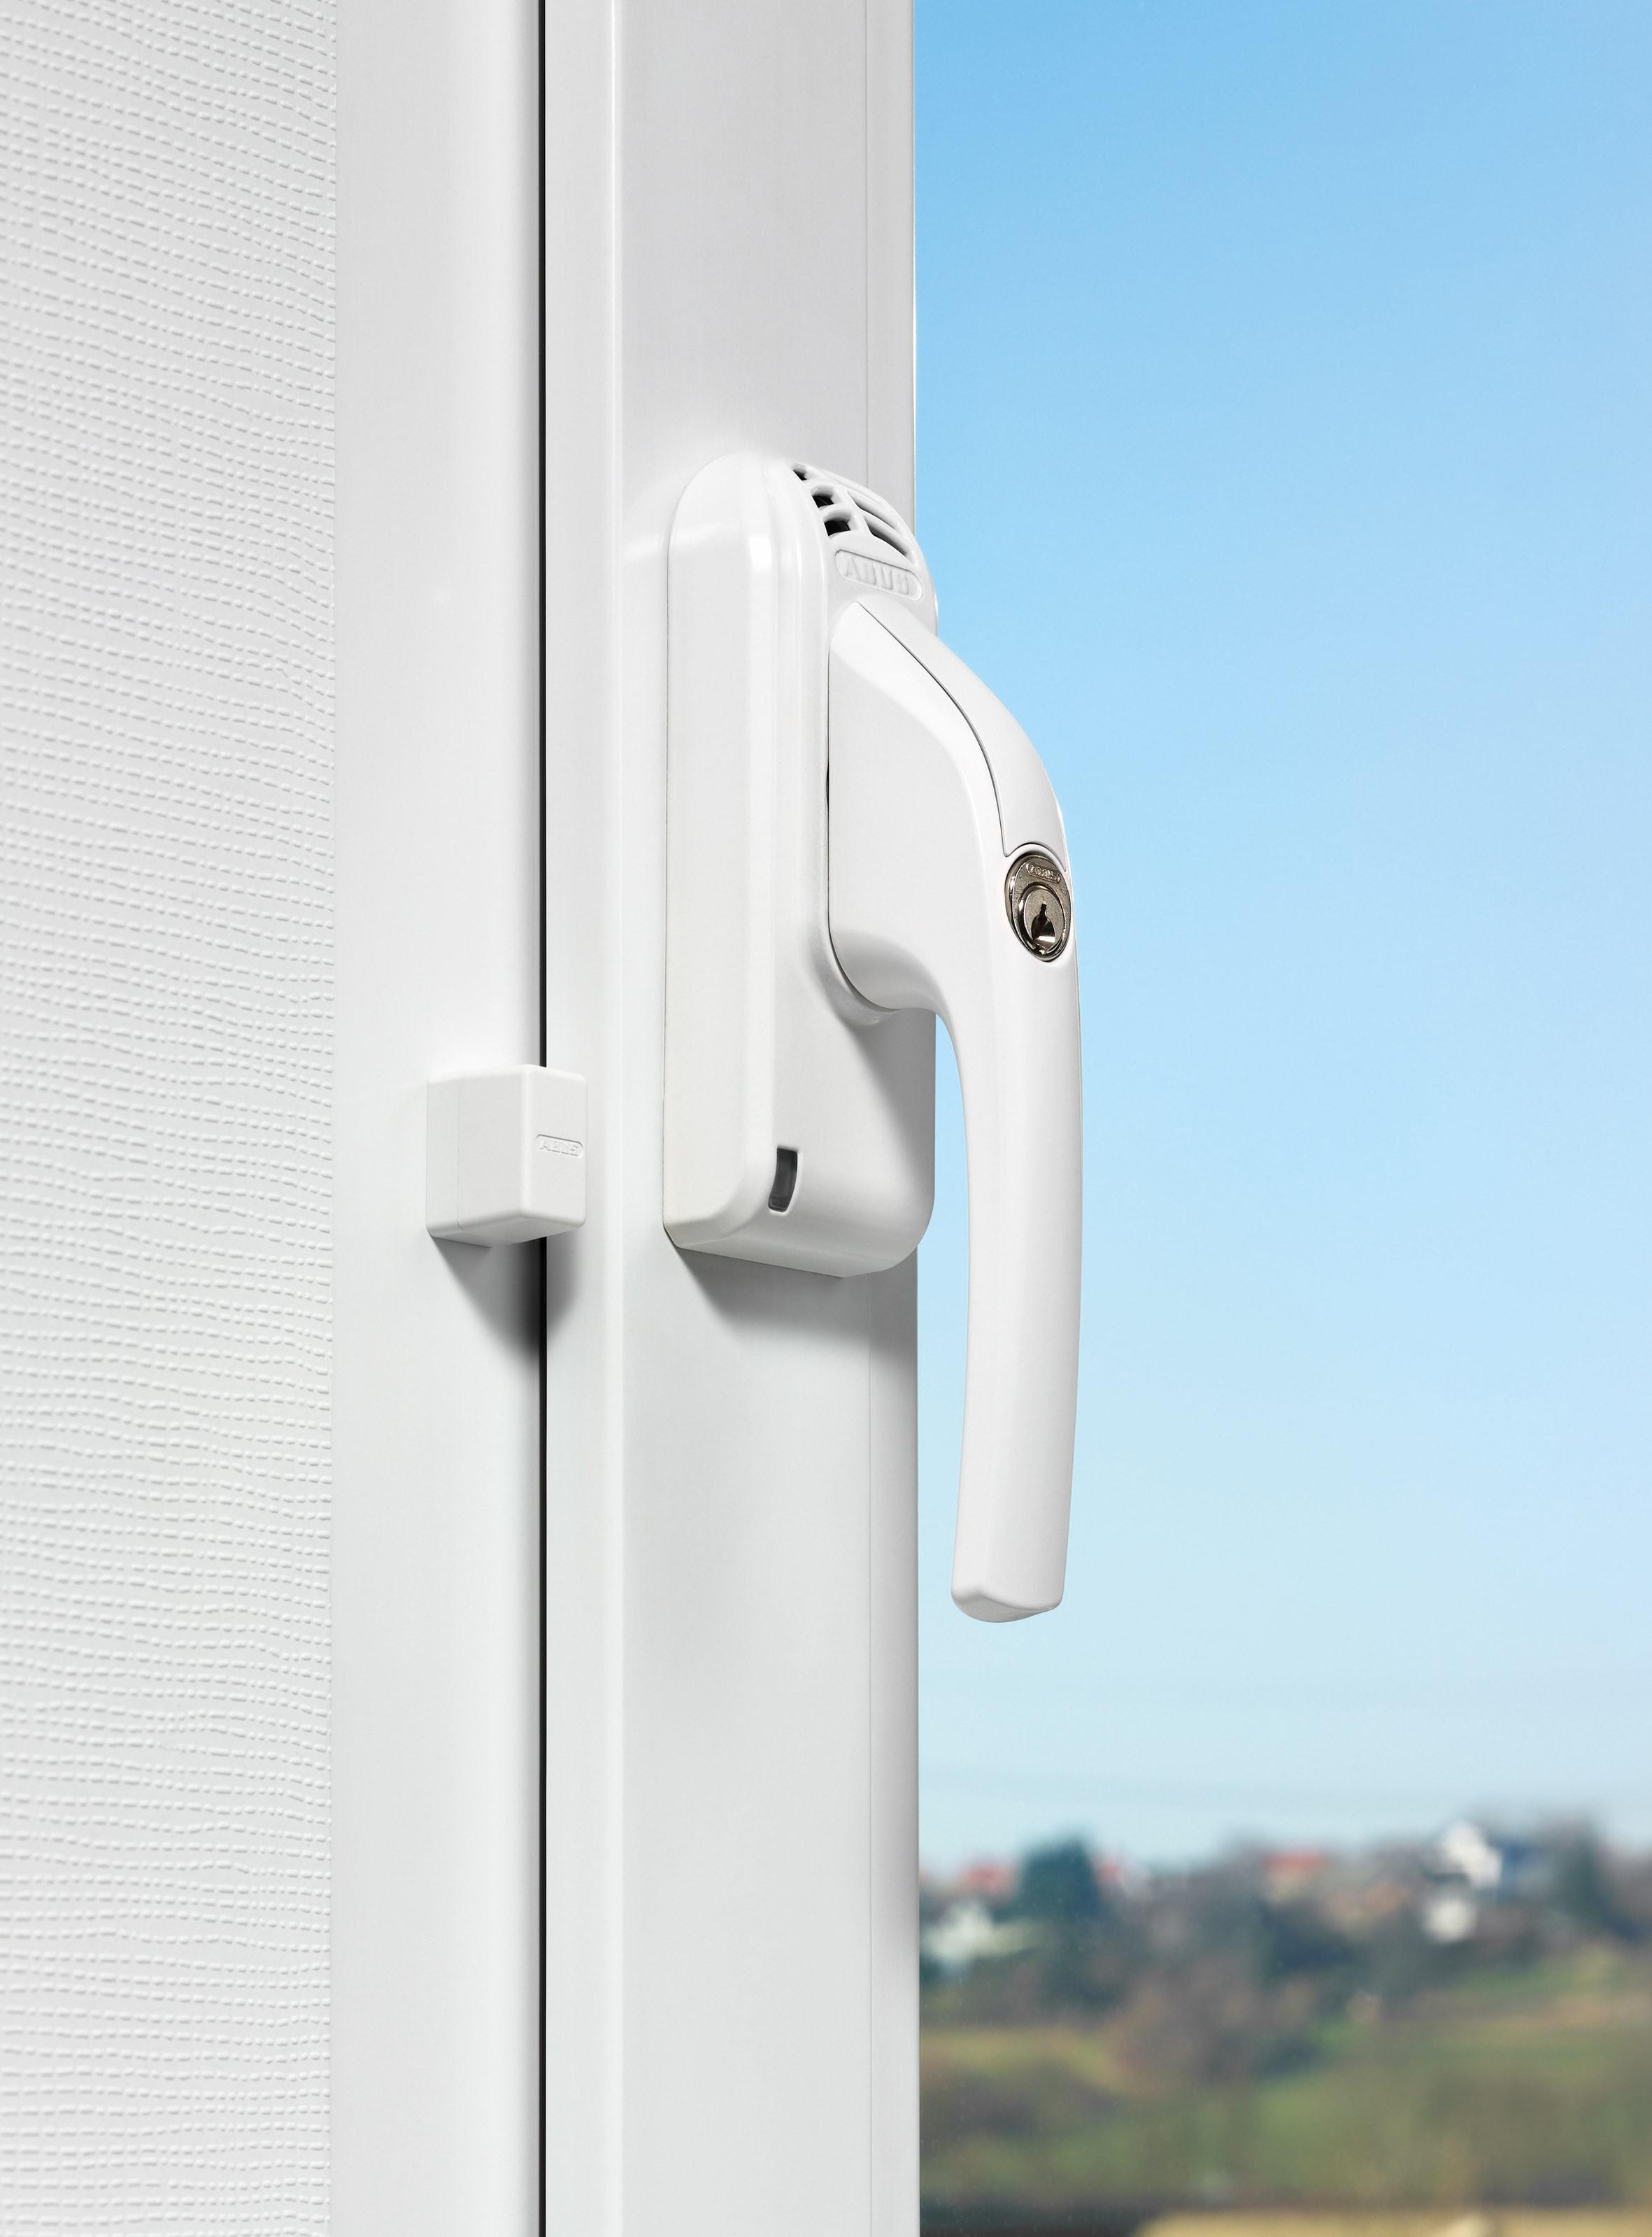 ABUS Abschließbarer FG300A Fenstergriff mit Alarm nach DIN18297 Klasse 2 ohne Schlüssel